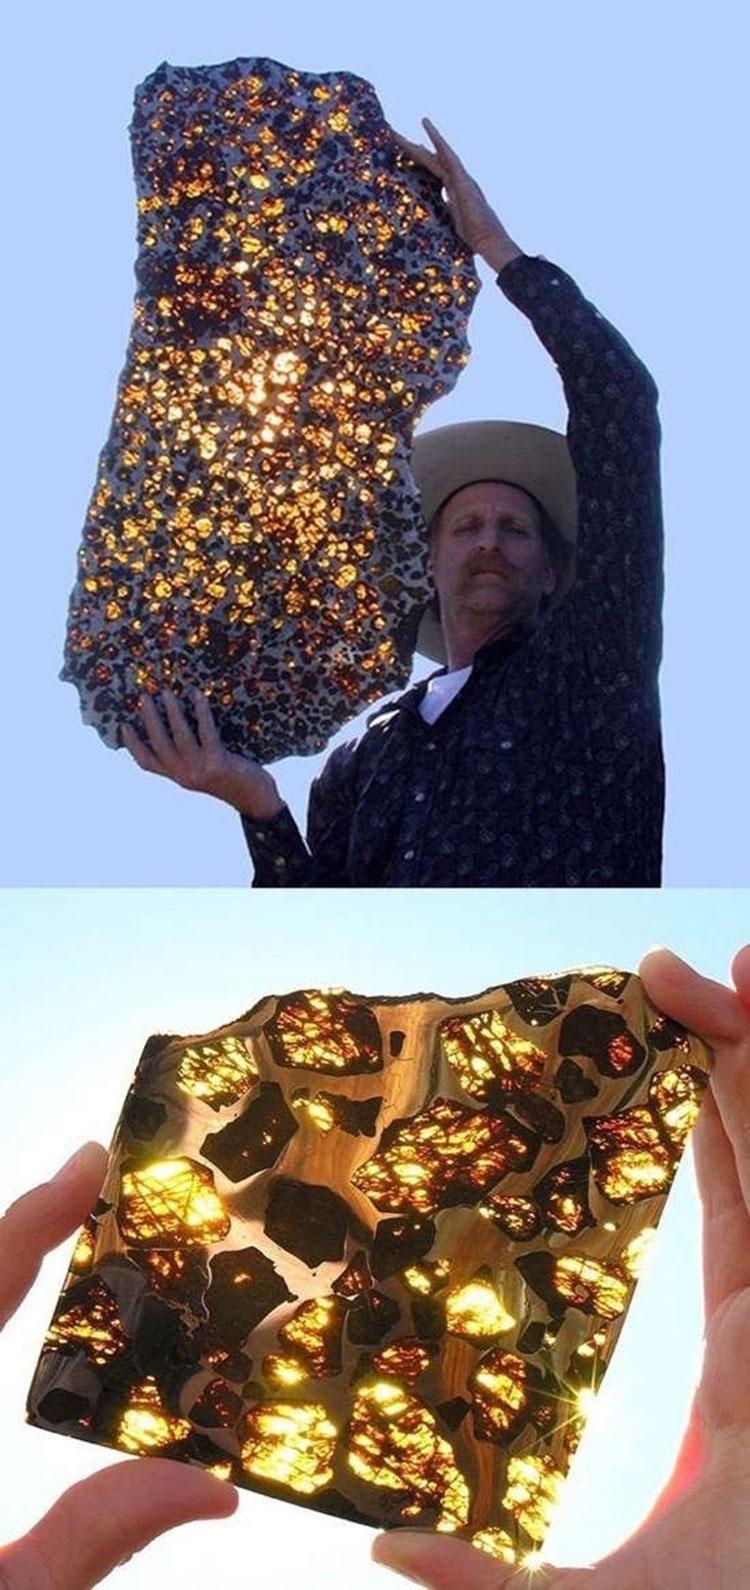 Khi mặt trời chiếu xuyên qua, khối thiên thạch được biết với tên Fukang Meteorite này trở nên thật lung linh